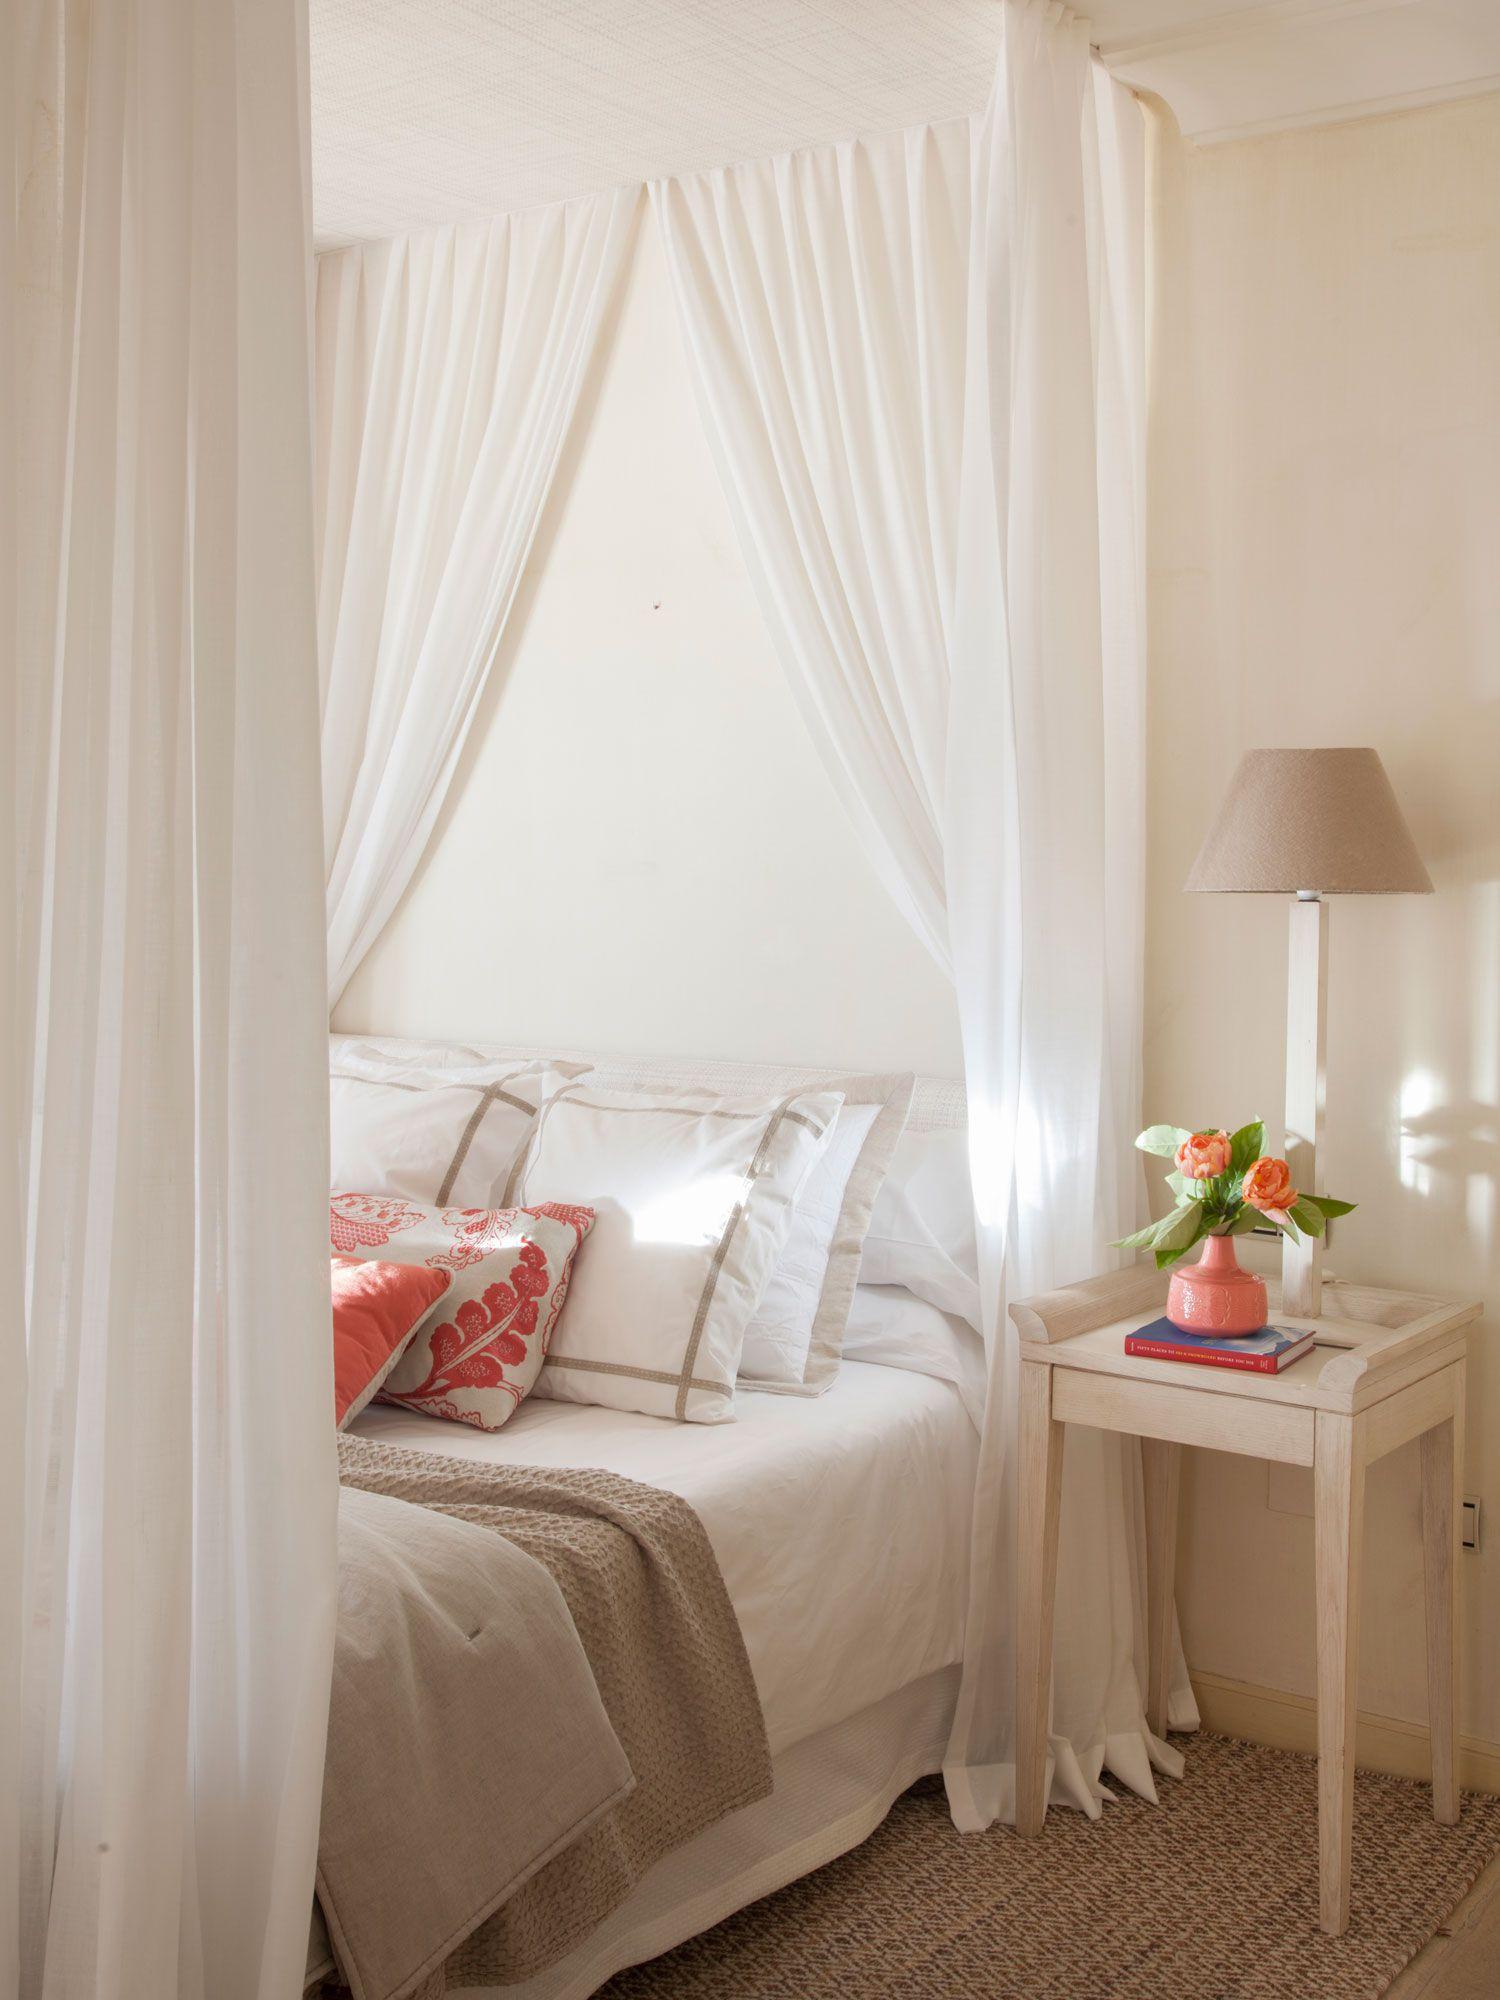 Detalle de cama con dosel | Pinterest | Camas con dosel, Dormitorio ...